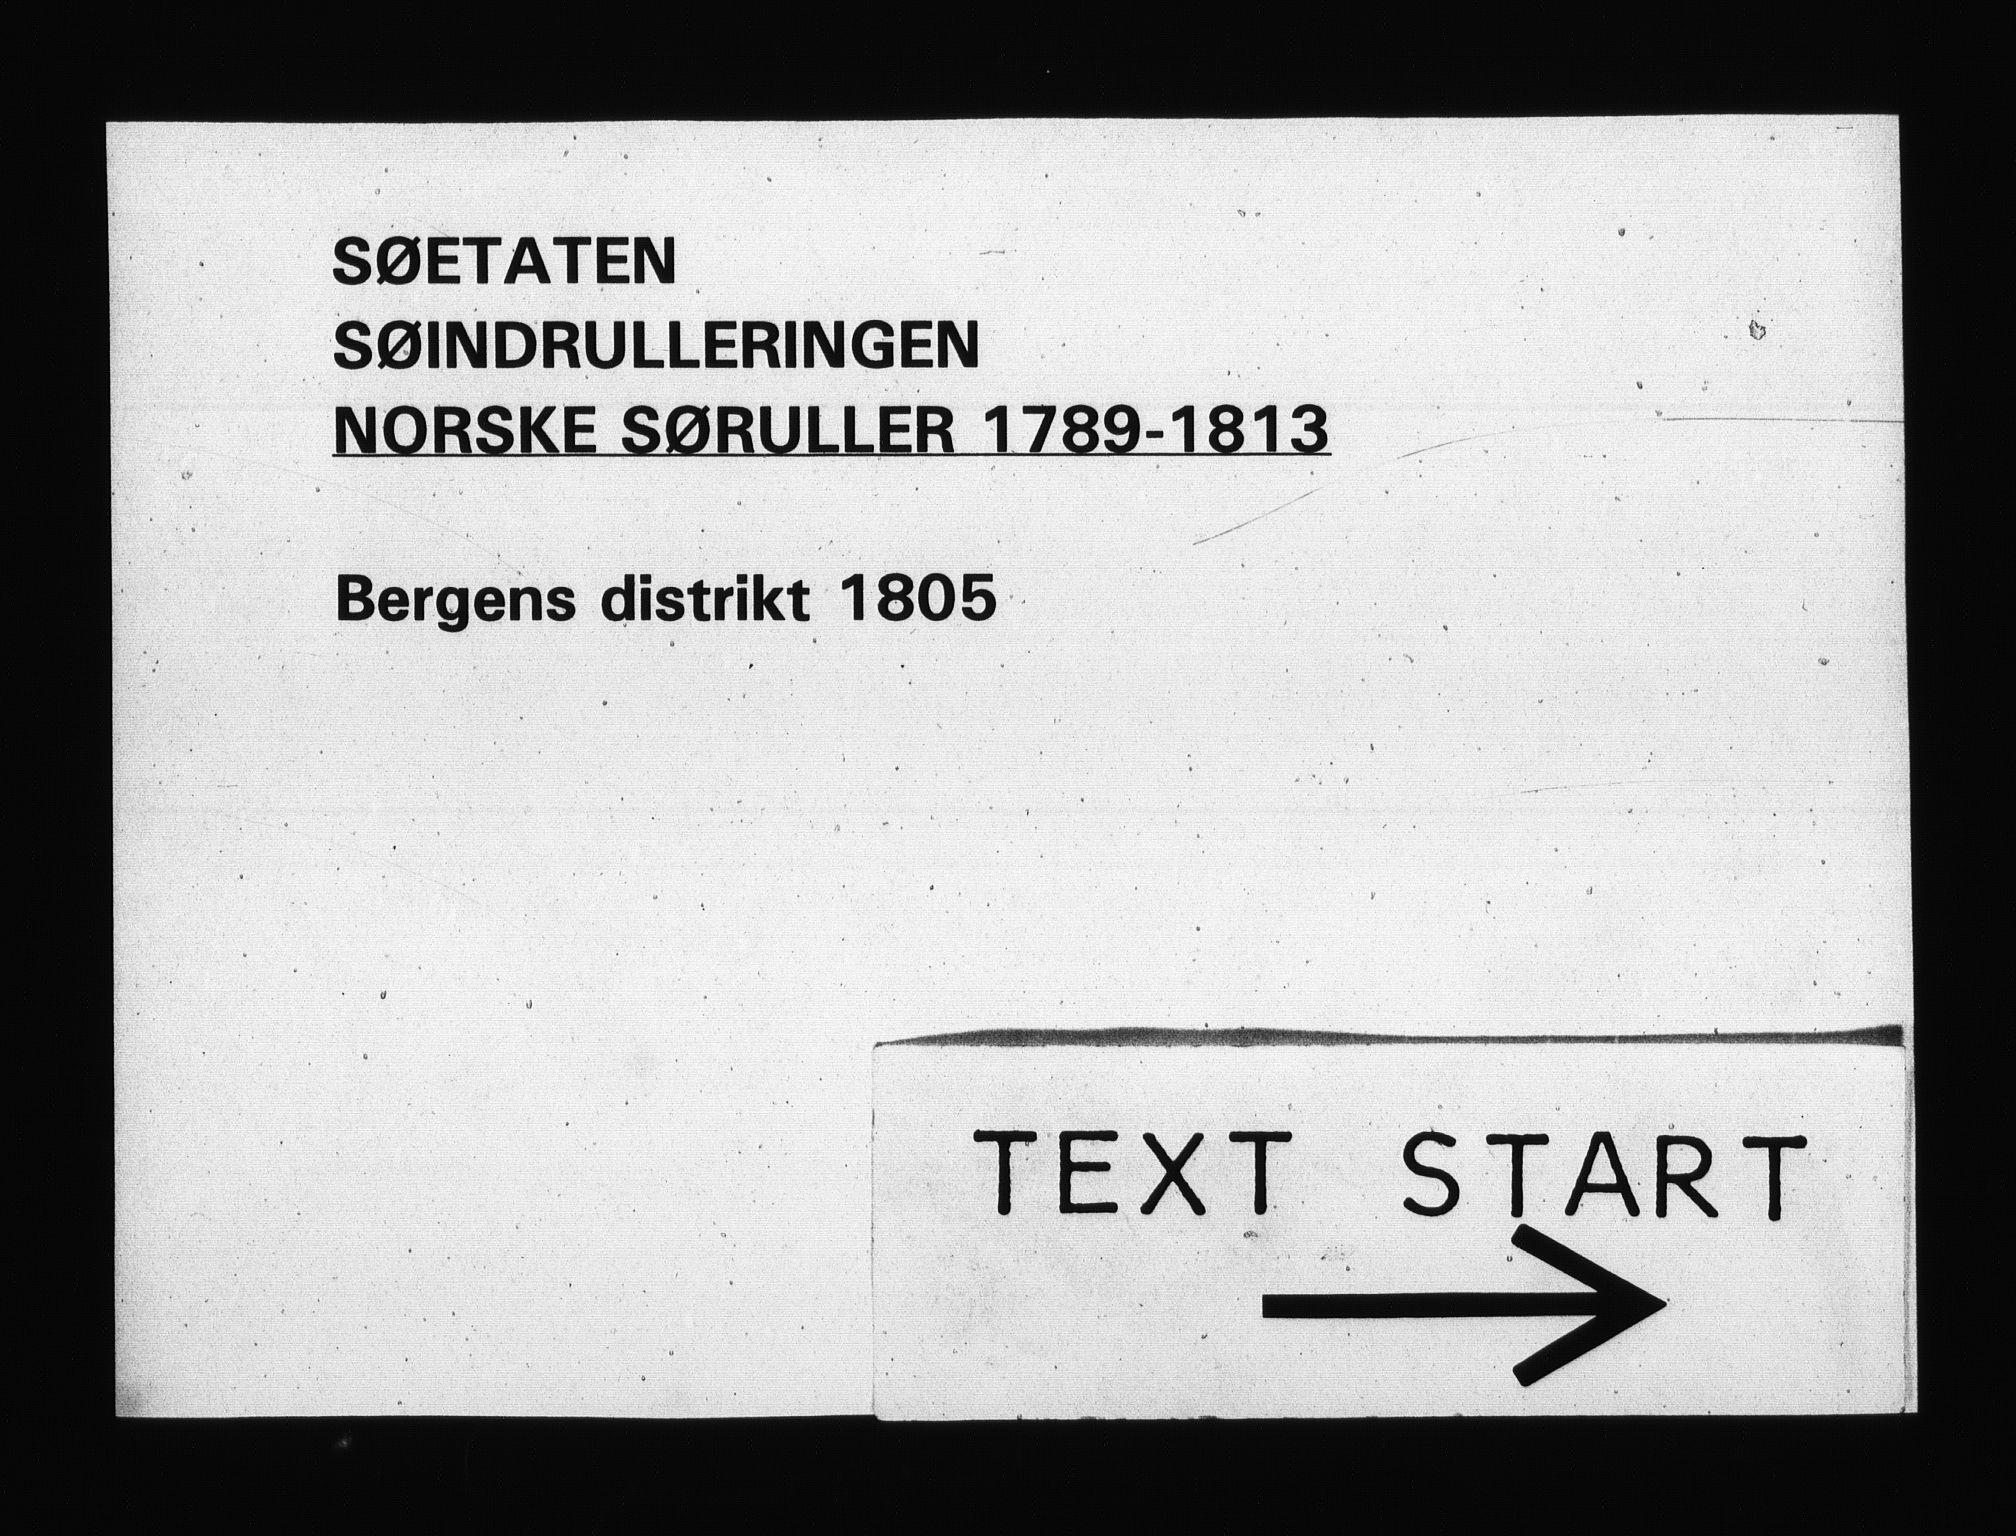 RA, Sjøetaten, F/L0244: Bergen distrikt, bind 1, 1805